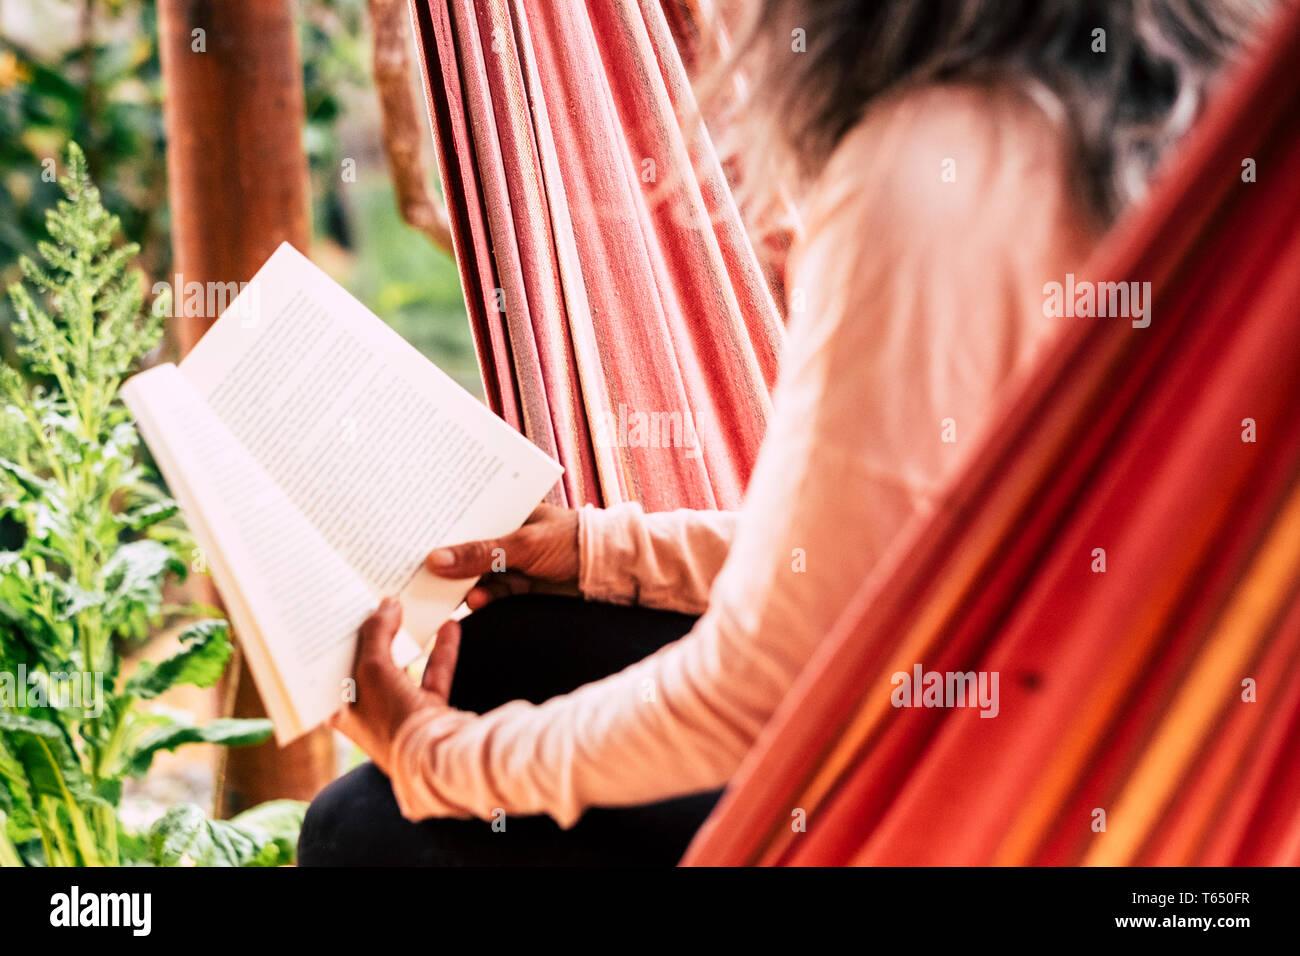 Leer un libro de papel antiguo estilo concepto para relajarse y estudiar - de edades caucsian mujer con cabello blanco sentado en una hamaca, disfrutar de las actividades de ocio al aire libre Foto de stock